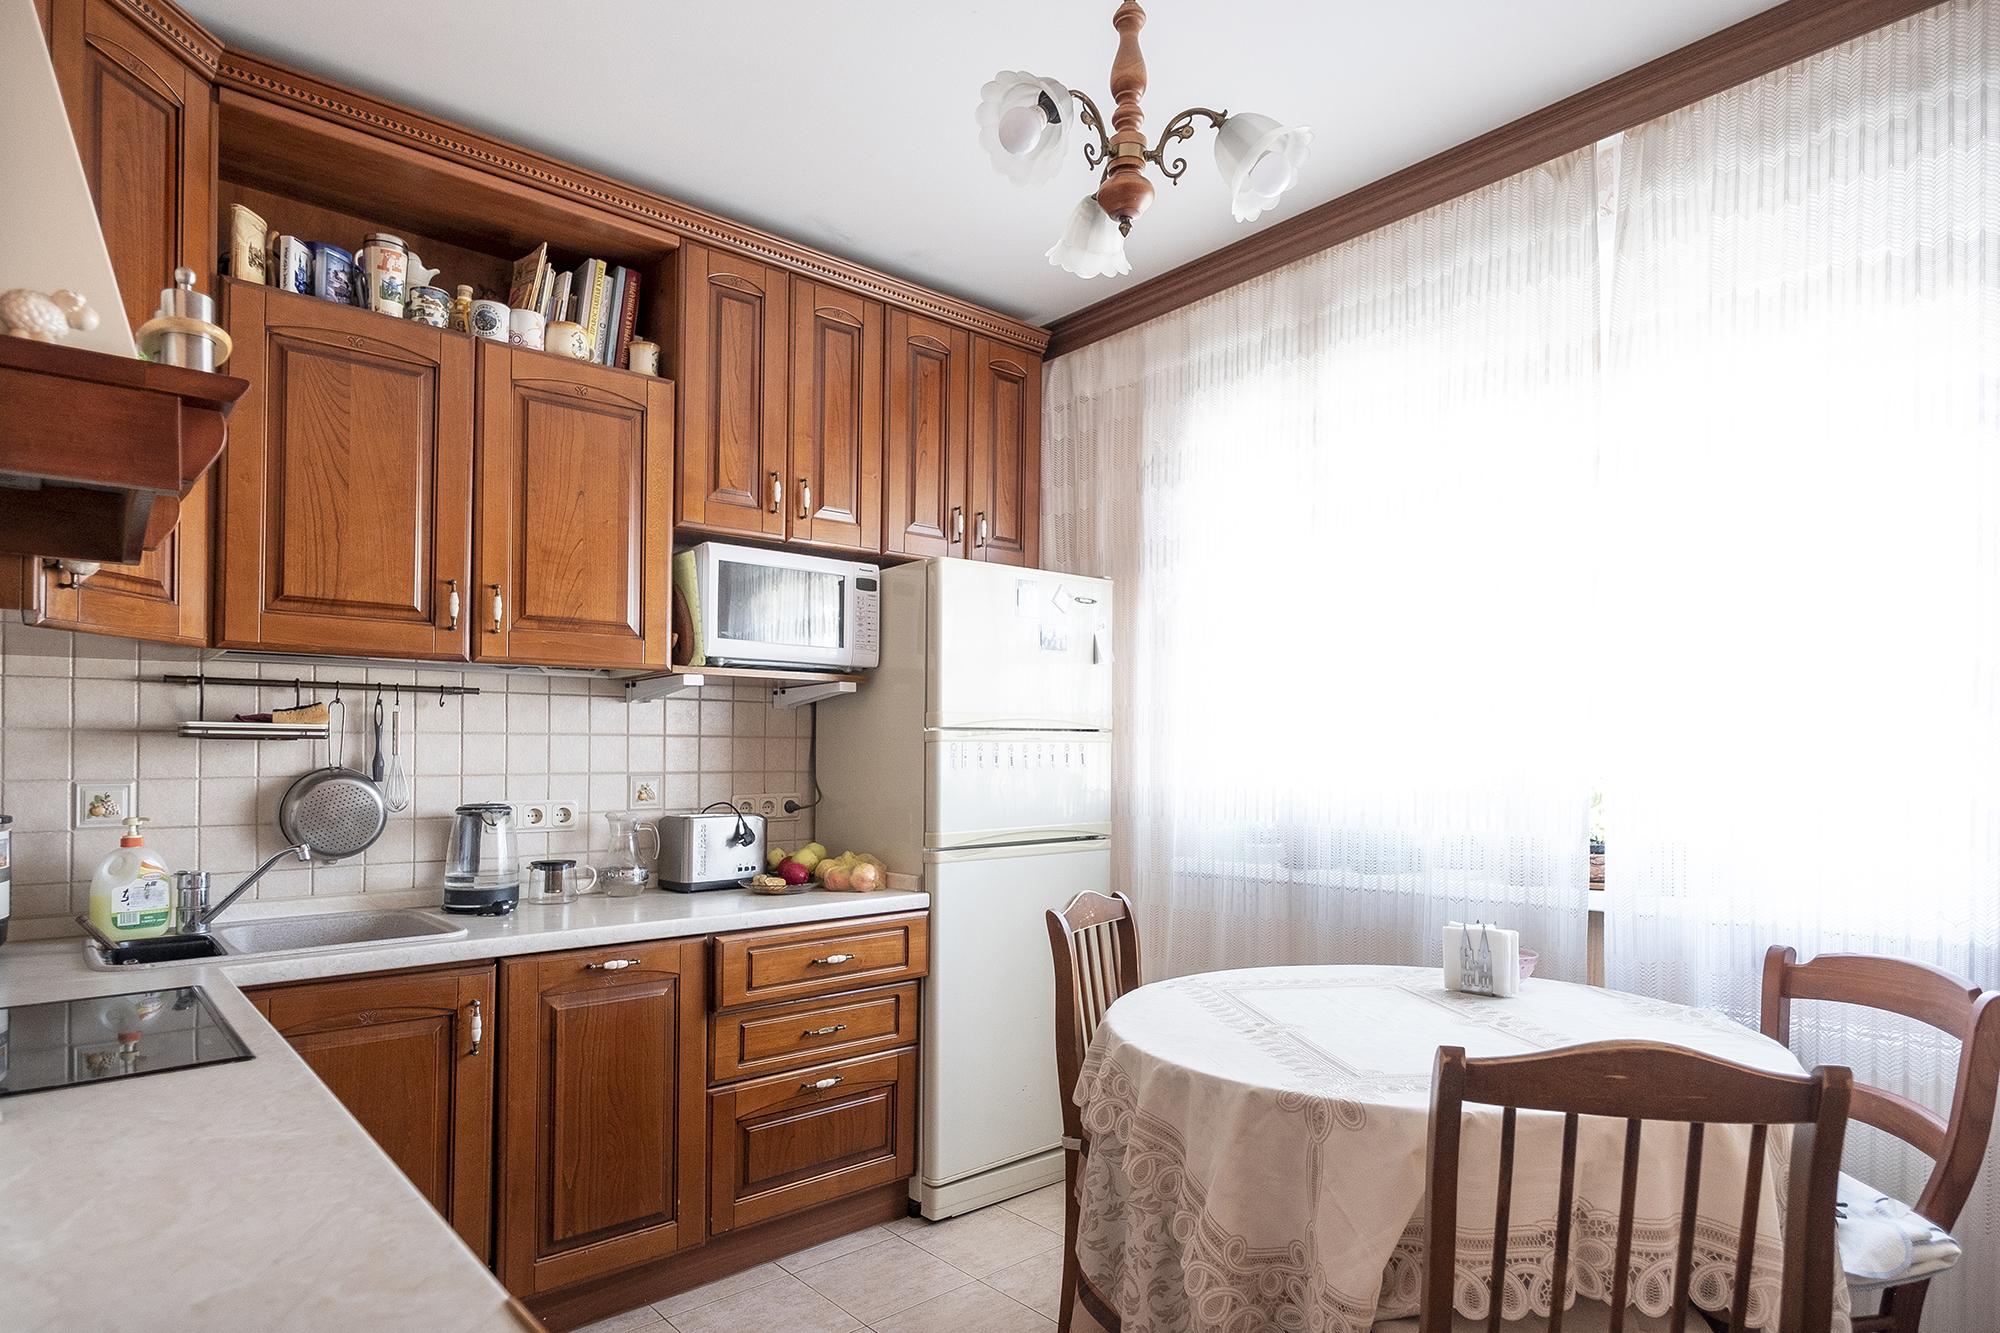 Вынужден продать родительскую квартиру родители, после, который, Конечно, пришлось, ремонт, Сложились, шестиметровой, поставили, дорогую, временам, кабину, функций, кучей, Тогда, дешевых, китайских, денег, Кухня, пятиметровой